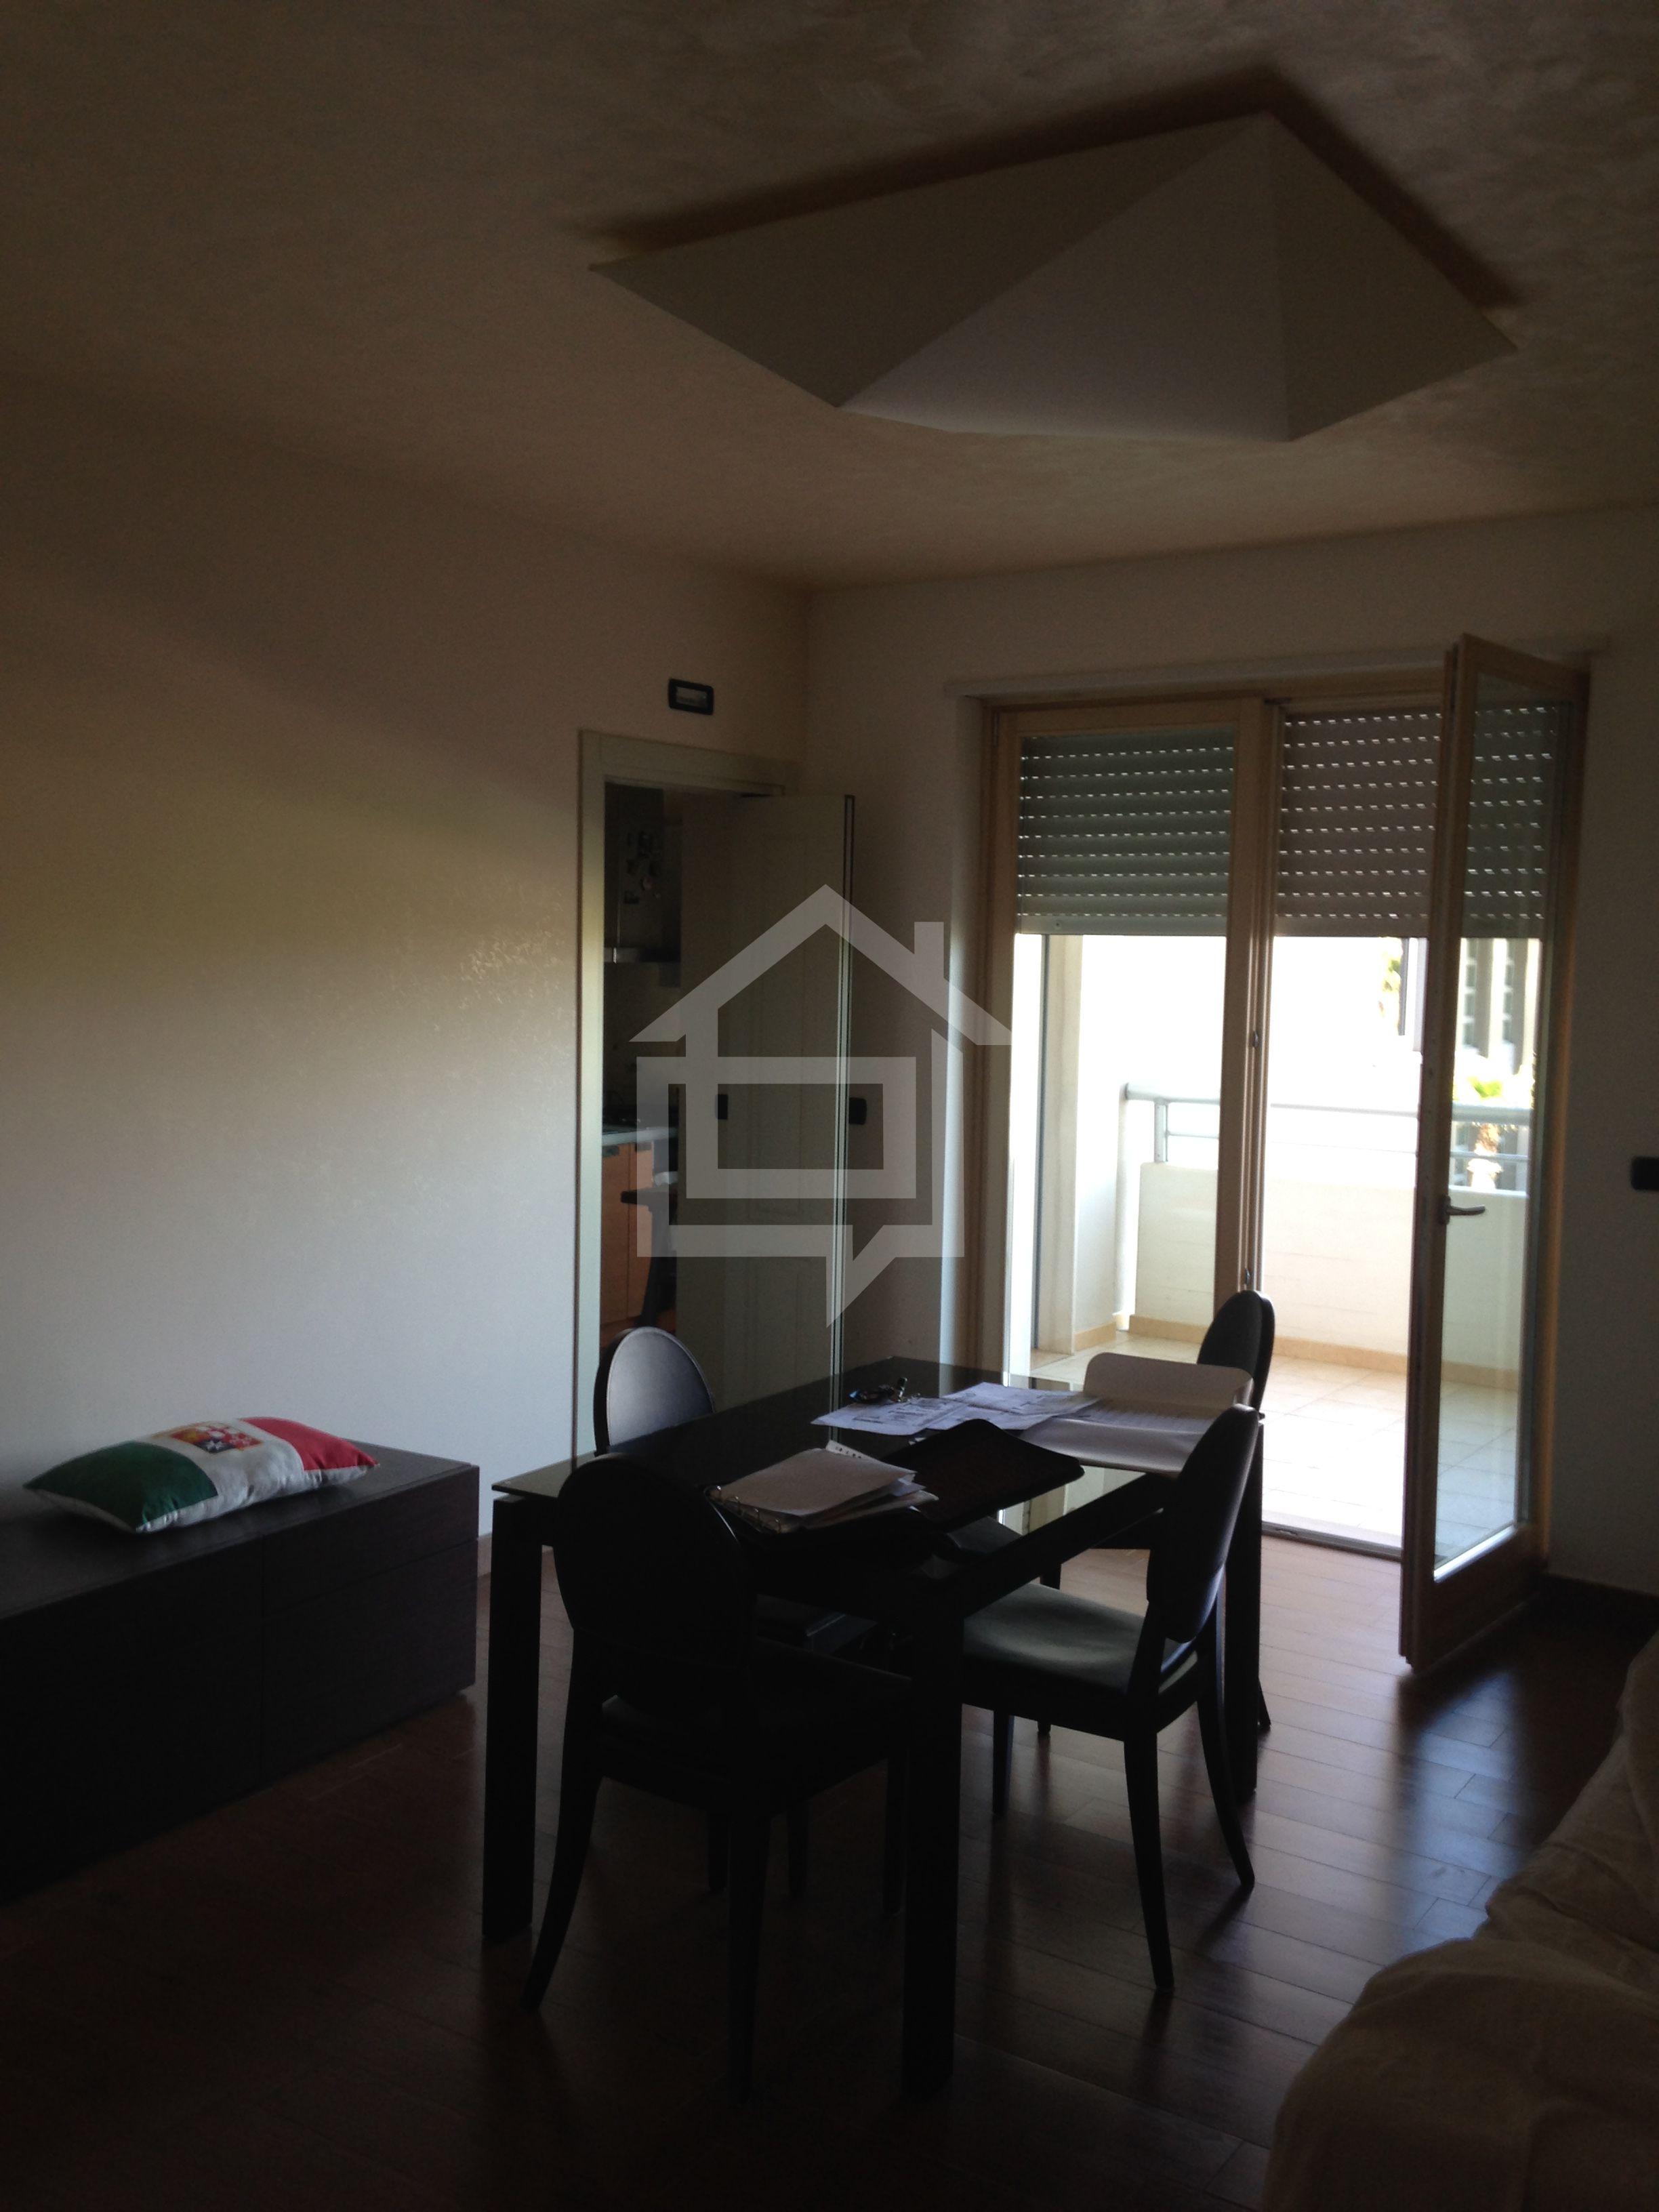 Divicasa appartamento in vendita a bari via ermanno pir - Classe immobile signorile ...